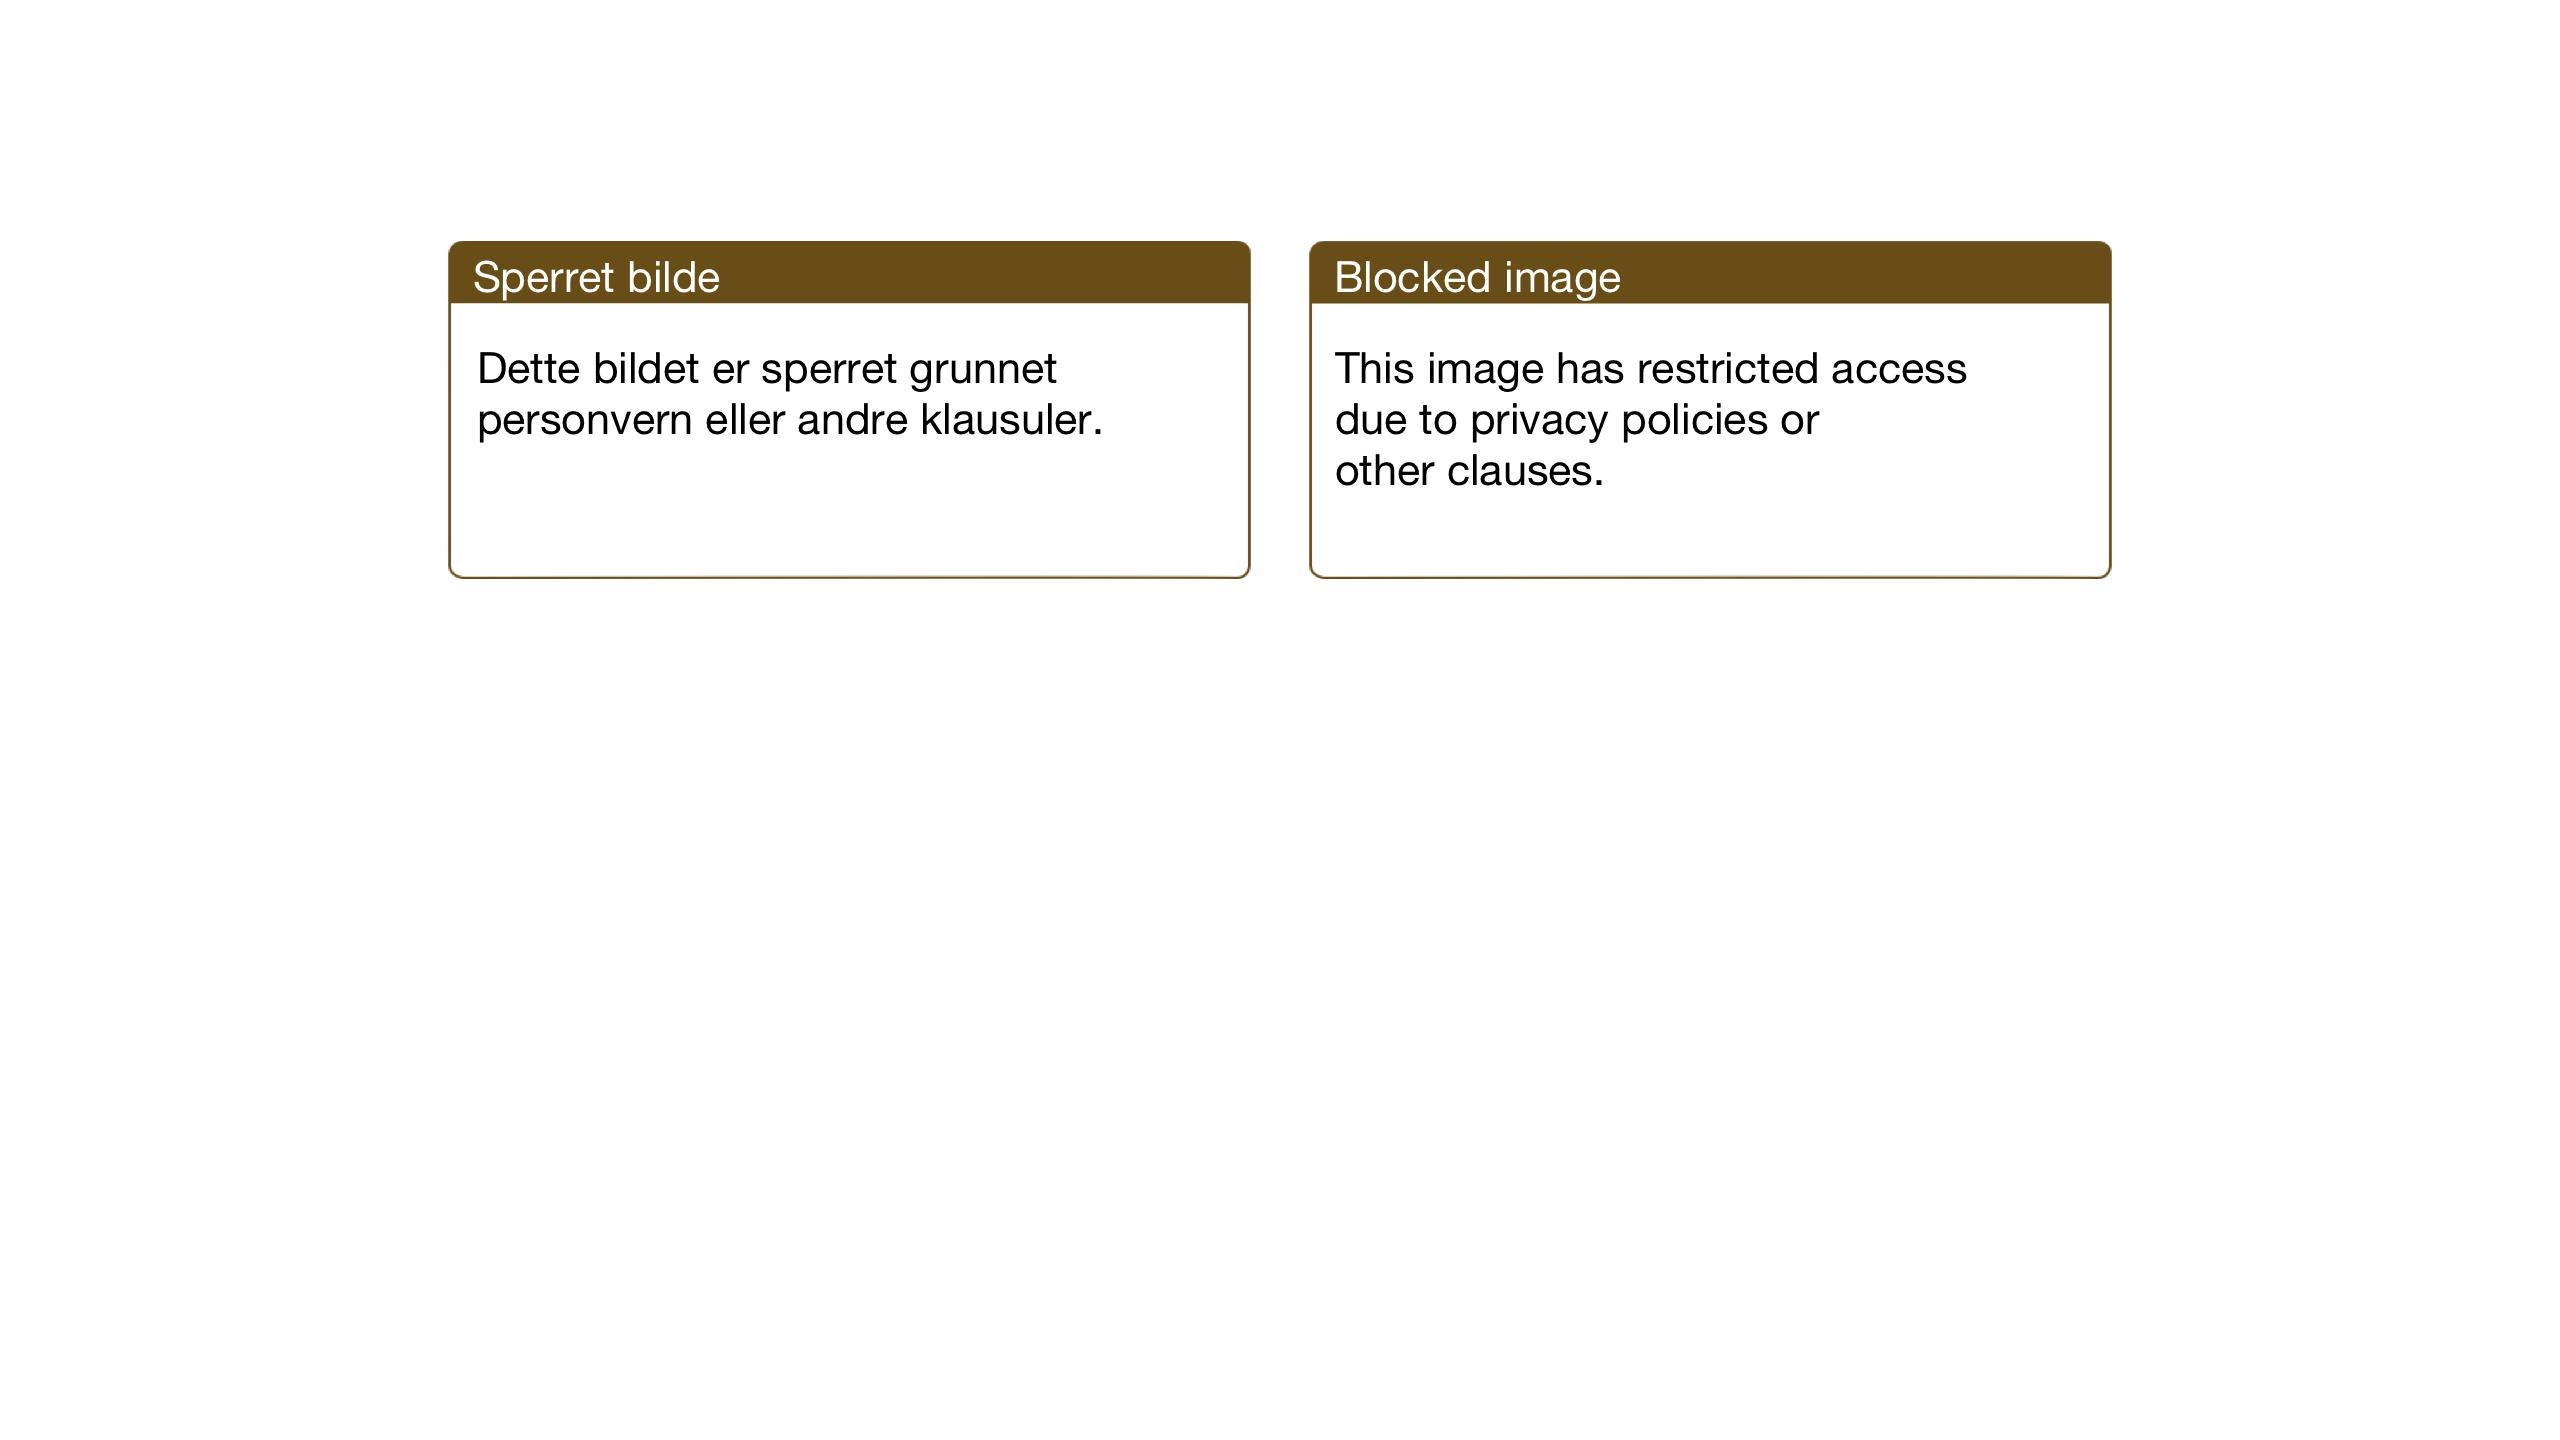 SAT, Ministerialprotokoller, klokkerbøker og fødselsregistre - Sør-Trøndelag, 653/L0658: Klokkerbok nr. 653C02, 1919-1947, s. 136